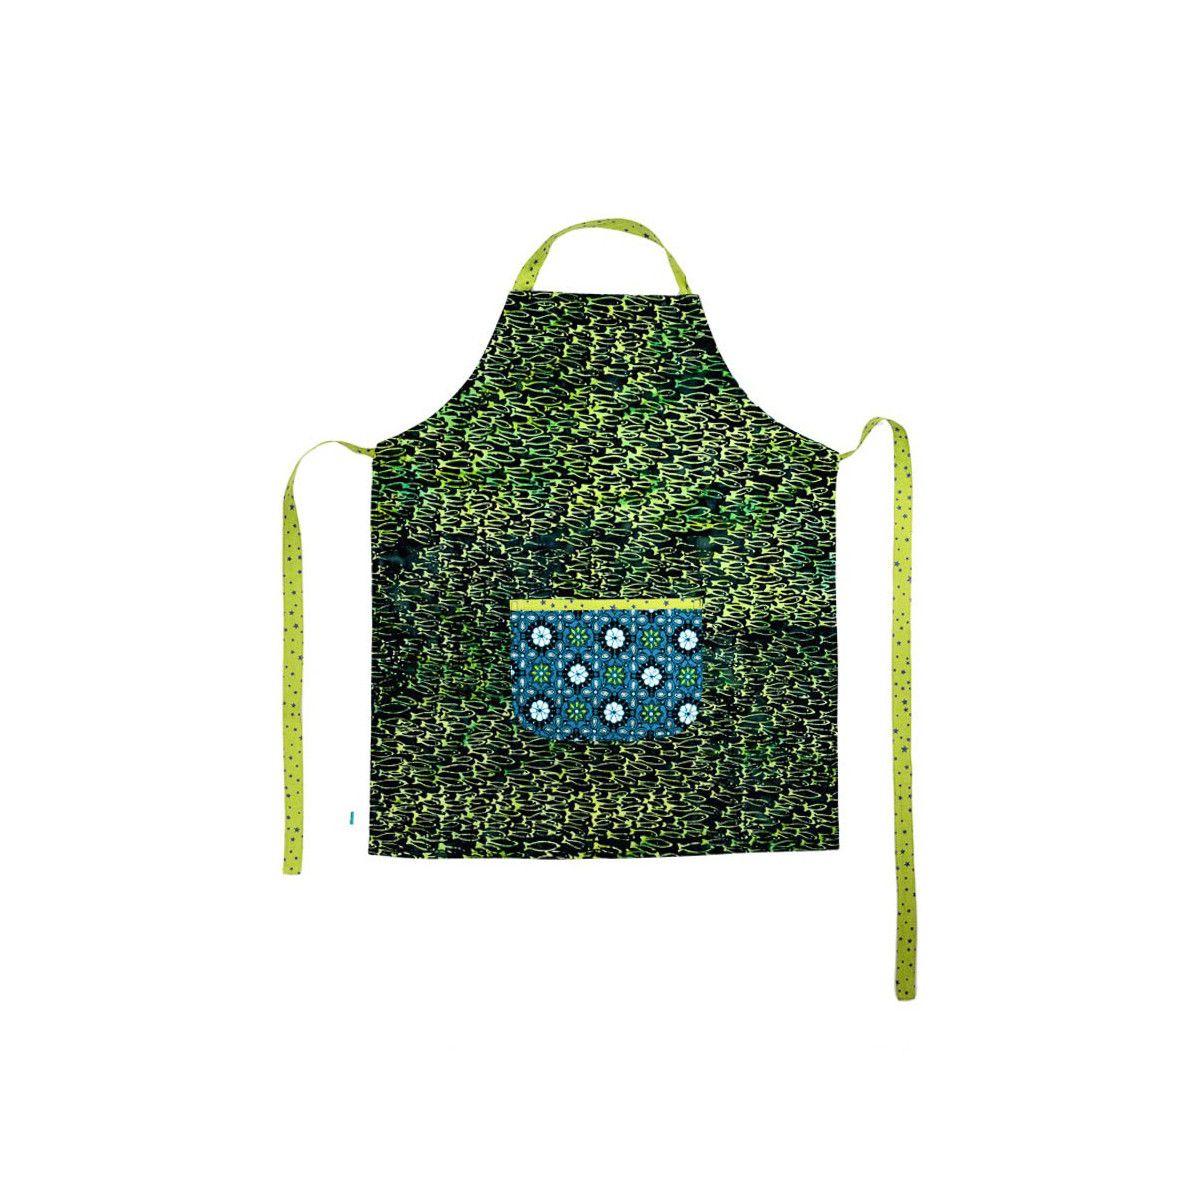 Tablier de cuisine enfant réversible vert et bleu